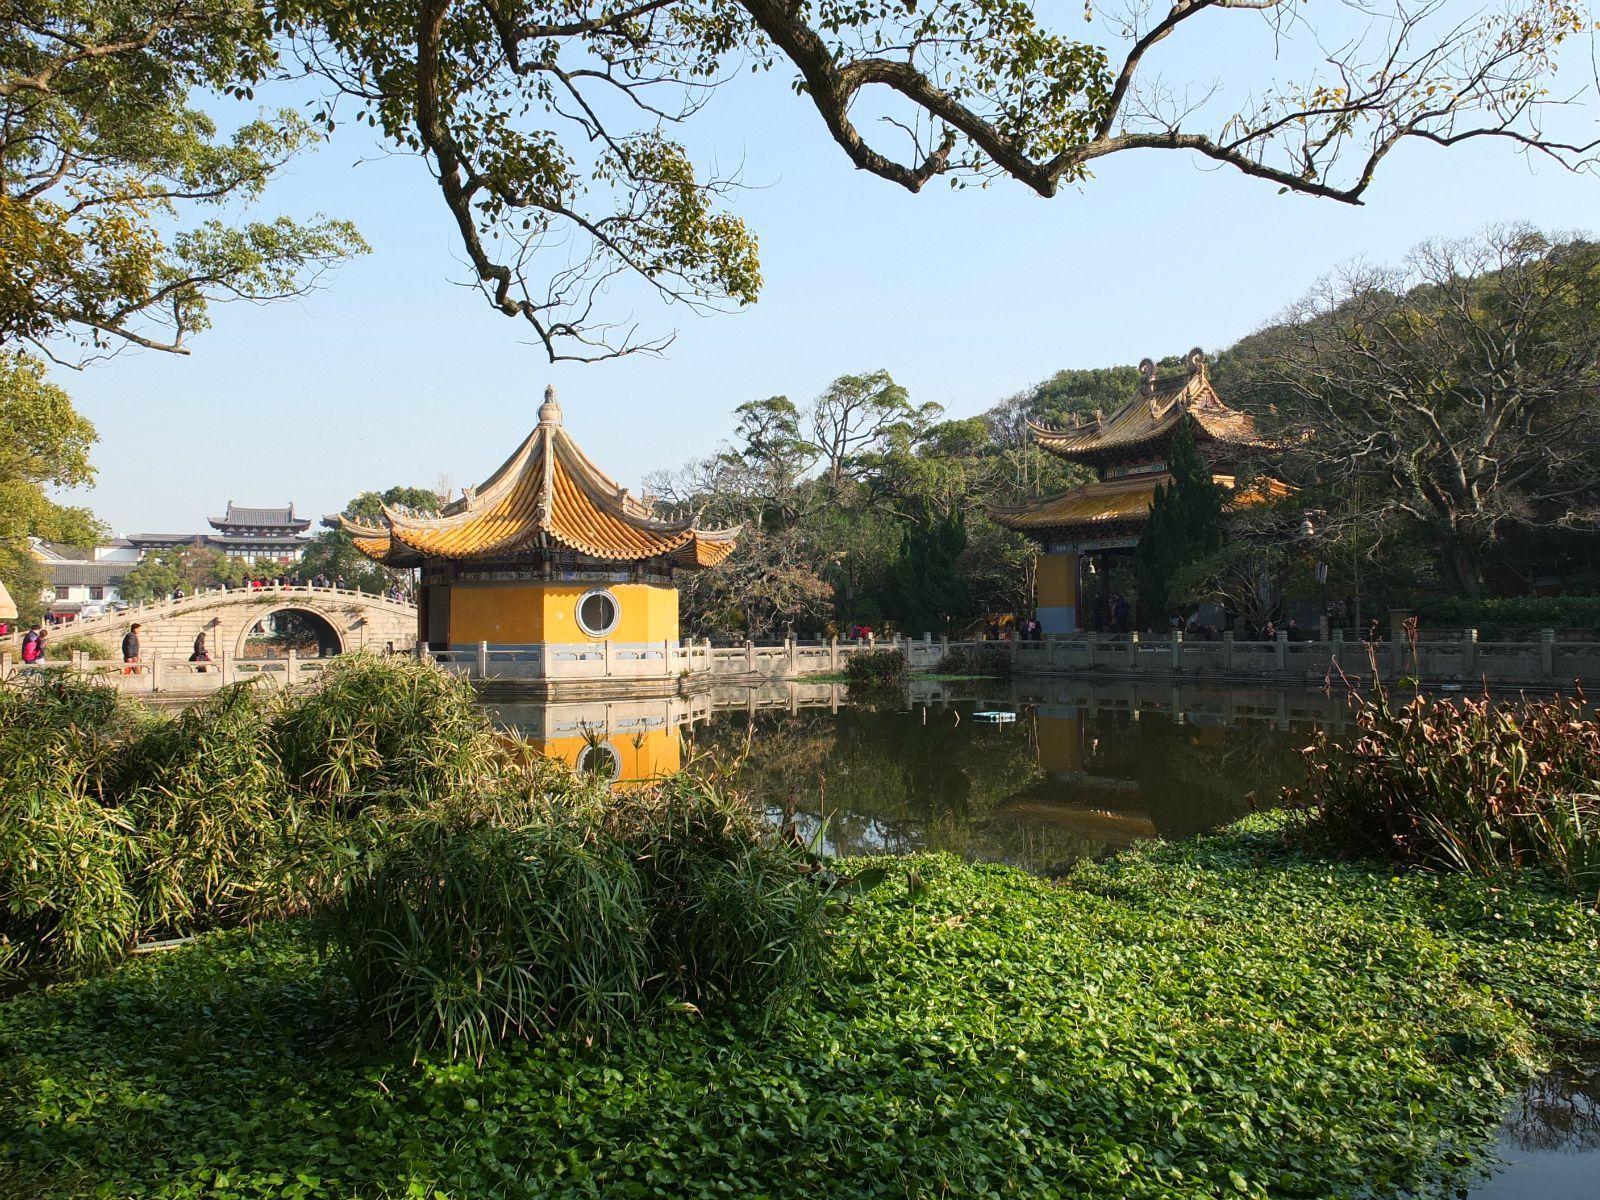 寺院宏伟的琳宫梵宇与寺前的莲花池,多宝塔,八角亭,瑶池桥等美丽